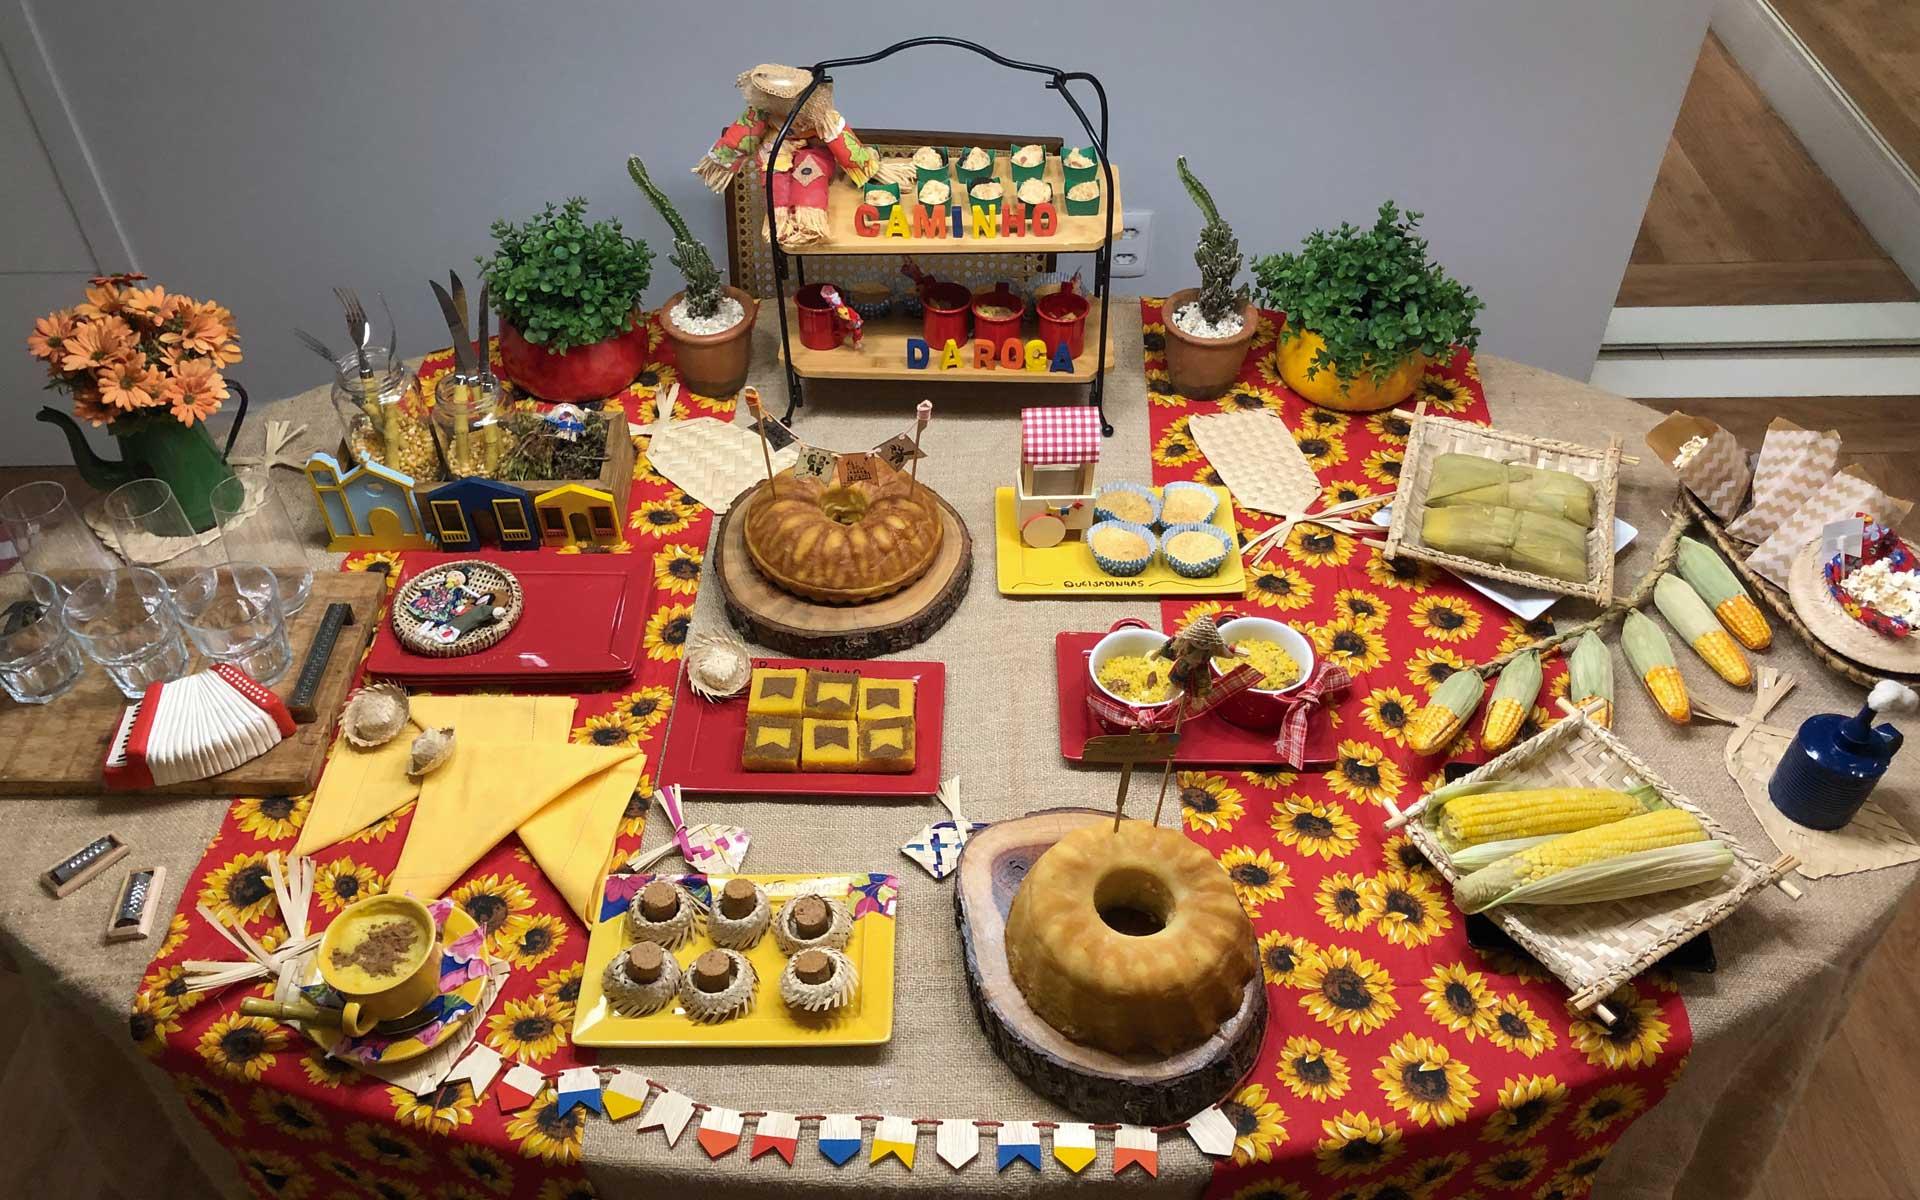 Texto: Ideias para mesas de festas juninas desenvolvidas pelo perfil @beluquices. Foto: Isabela Azevedo.